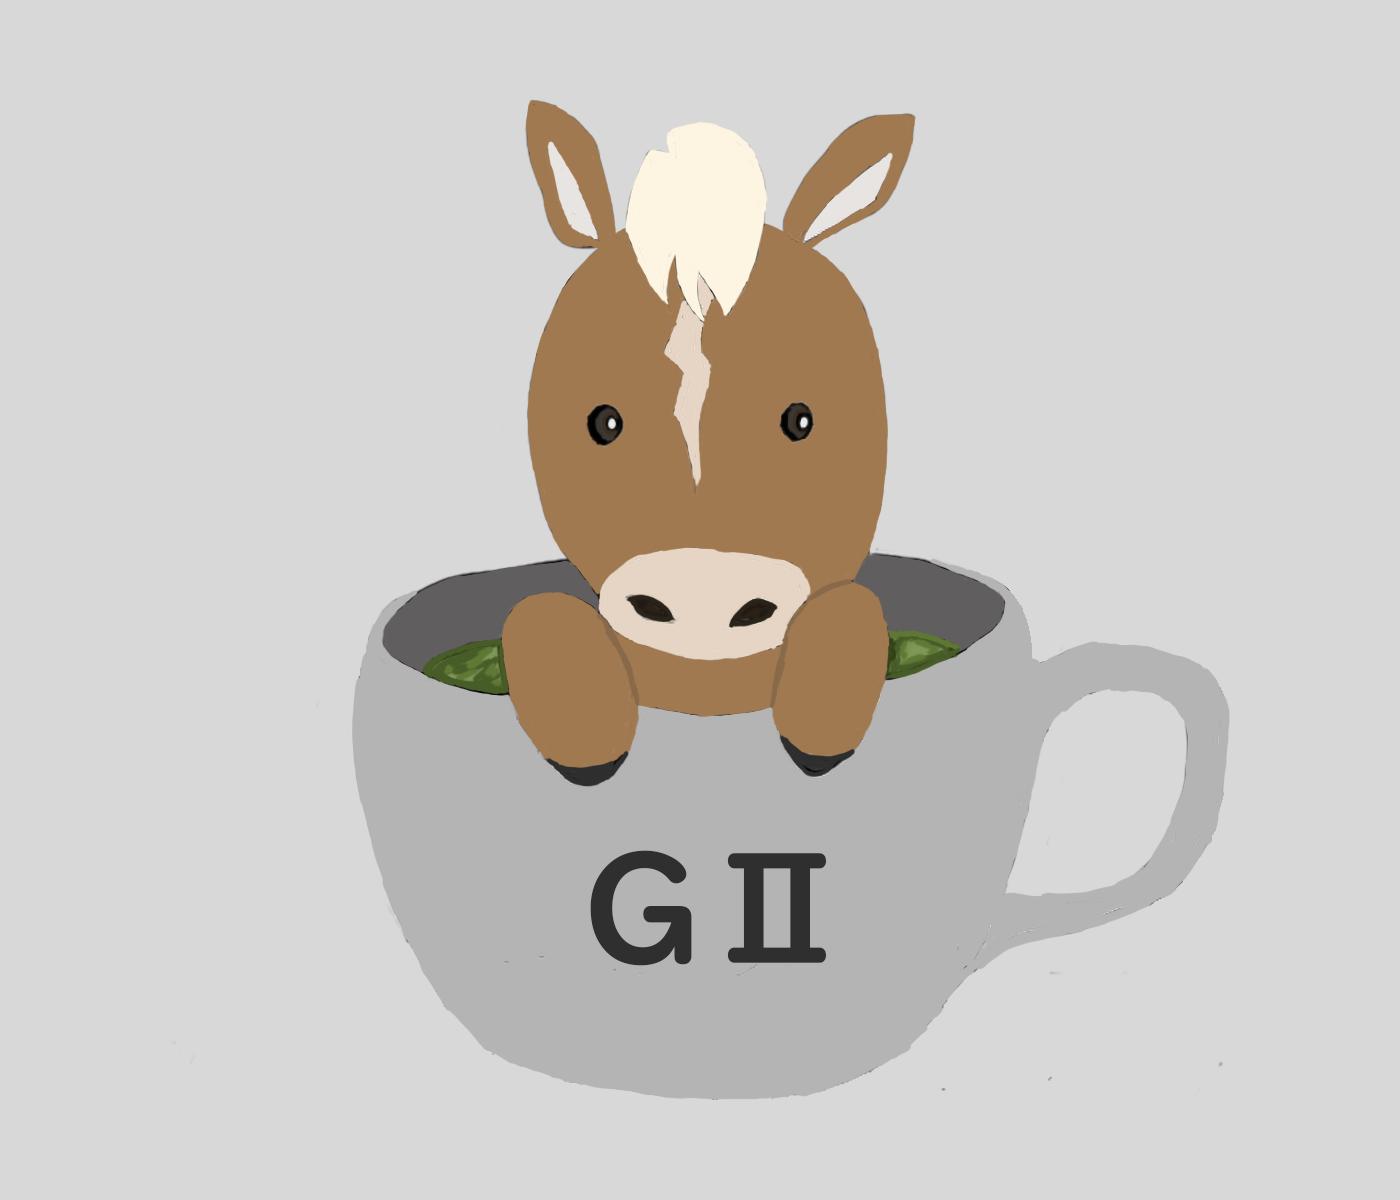 G2レース記事のアイキャッチ画像